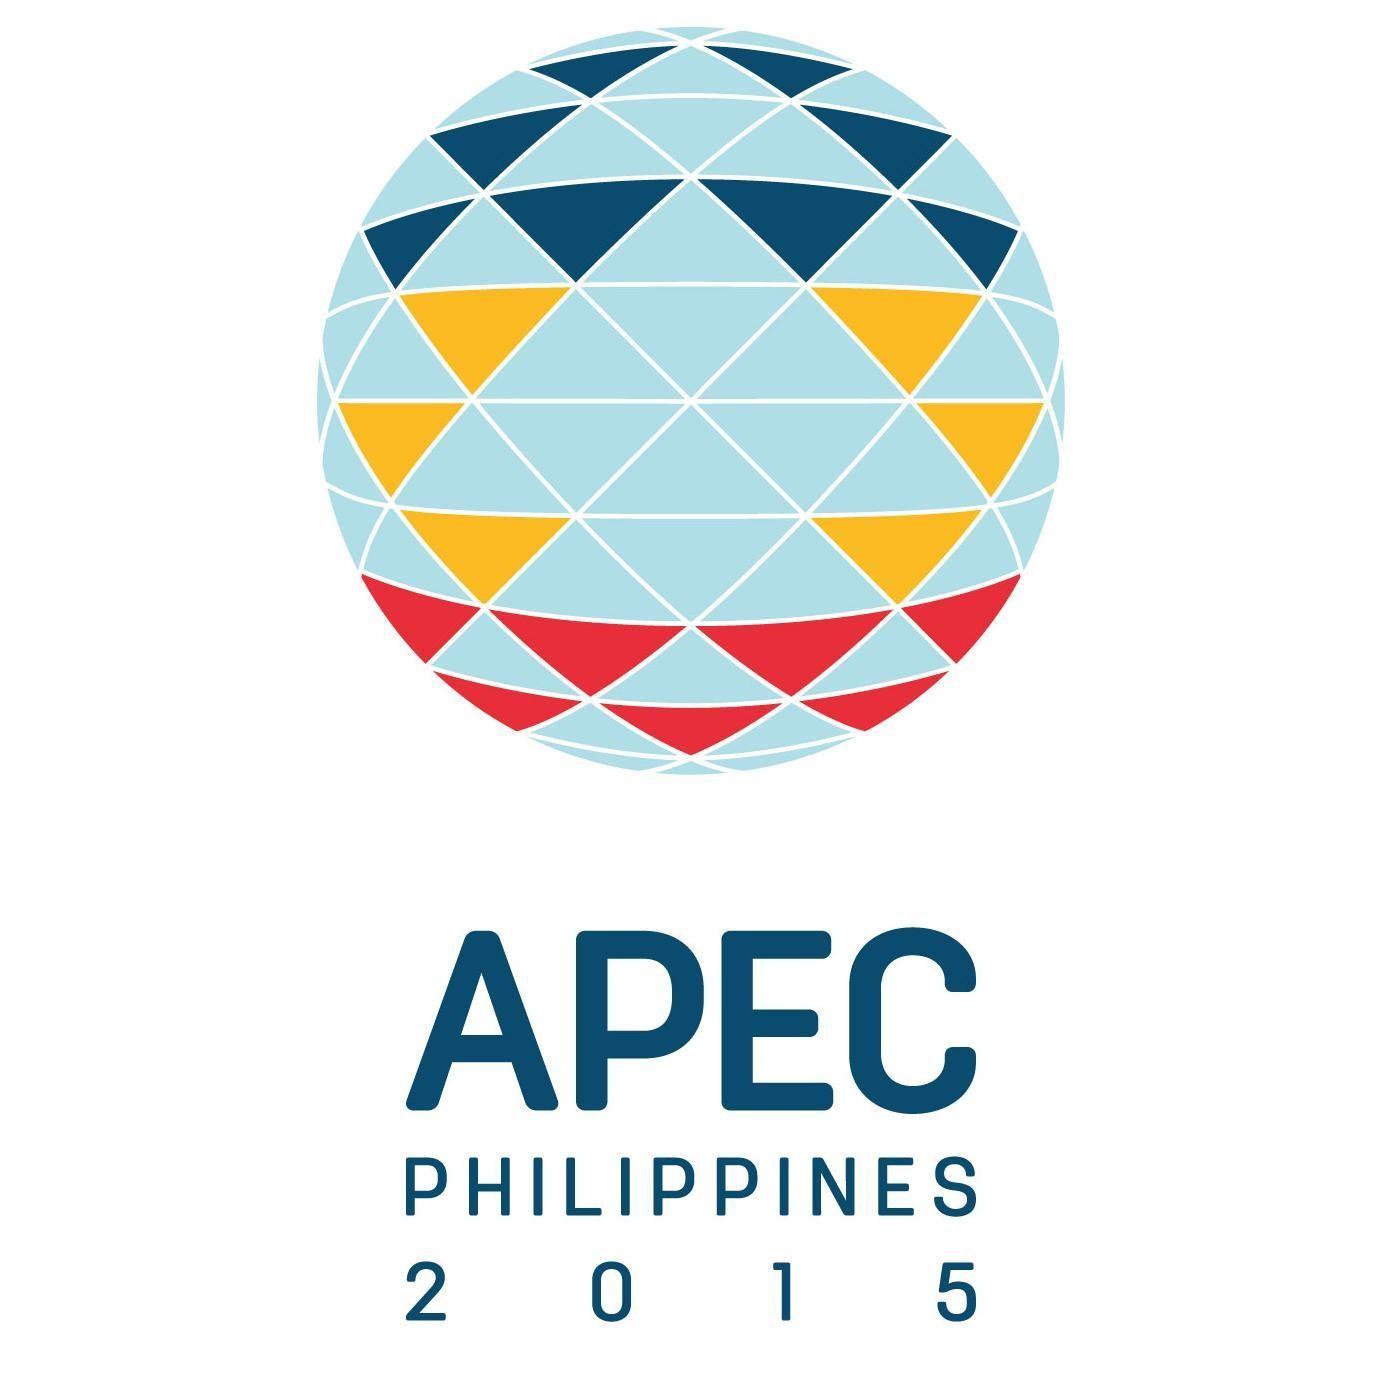 ফিলিপাইনের রাজধানী ম্যানিলায় APEC শীর্ষ সম্মেলন অনুষ্ঠিত।